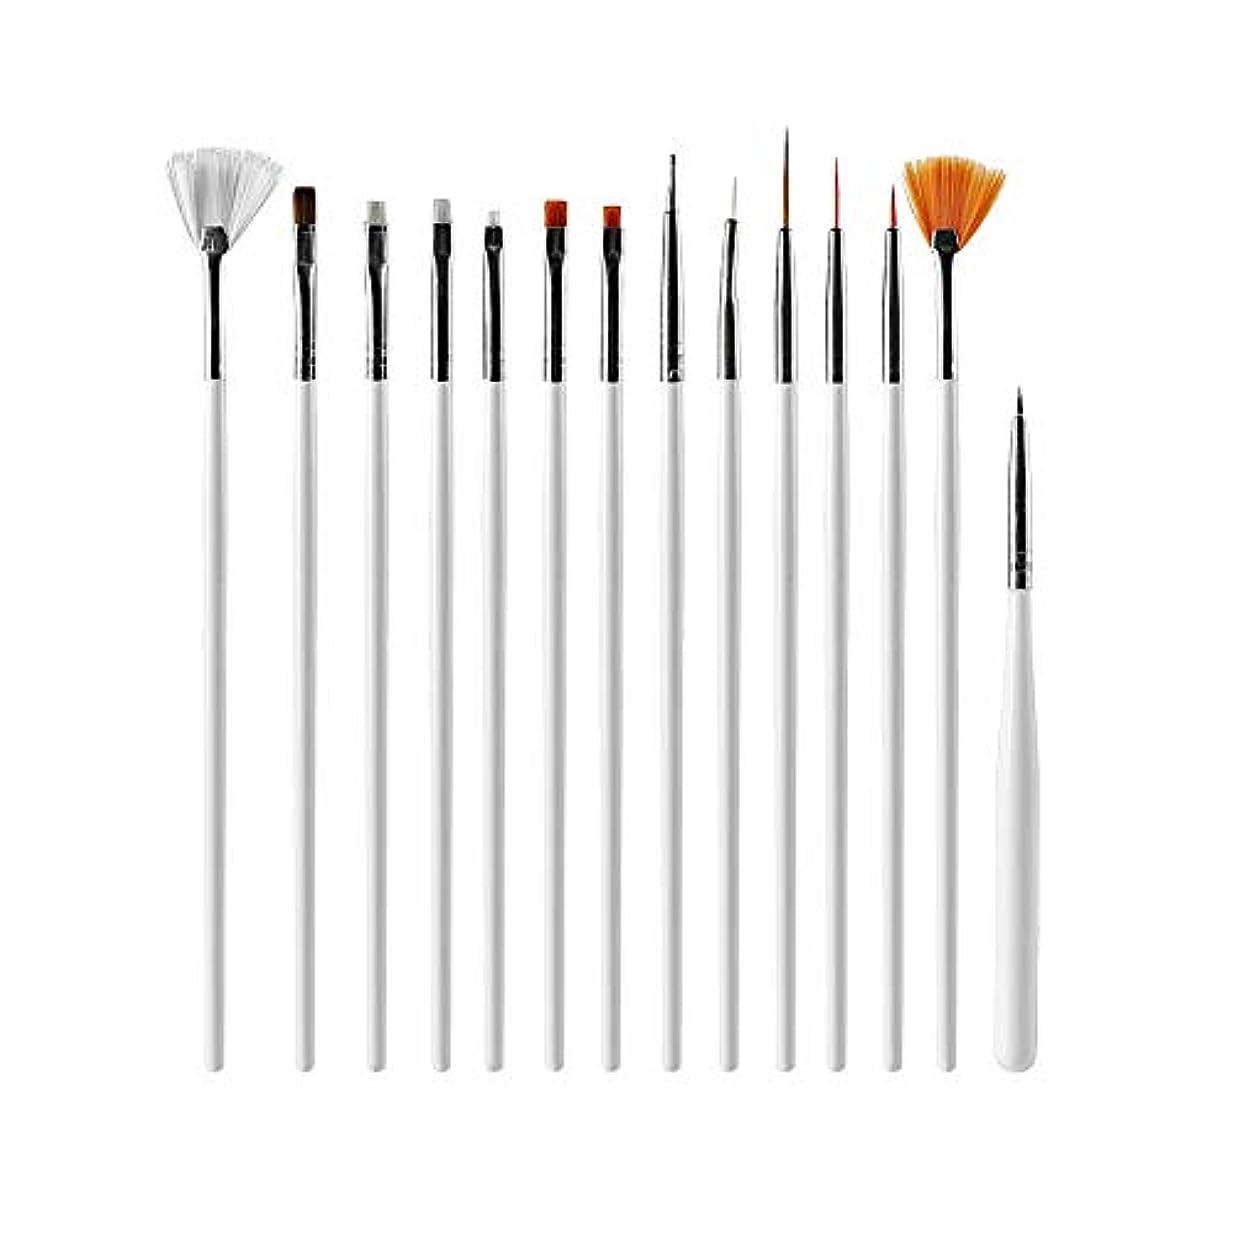 生き物五十差別的ネイルブラシペンネイルブラシセット15PCS工具セット、プロの女性DIYネイル用品ネイル描画白